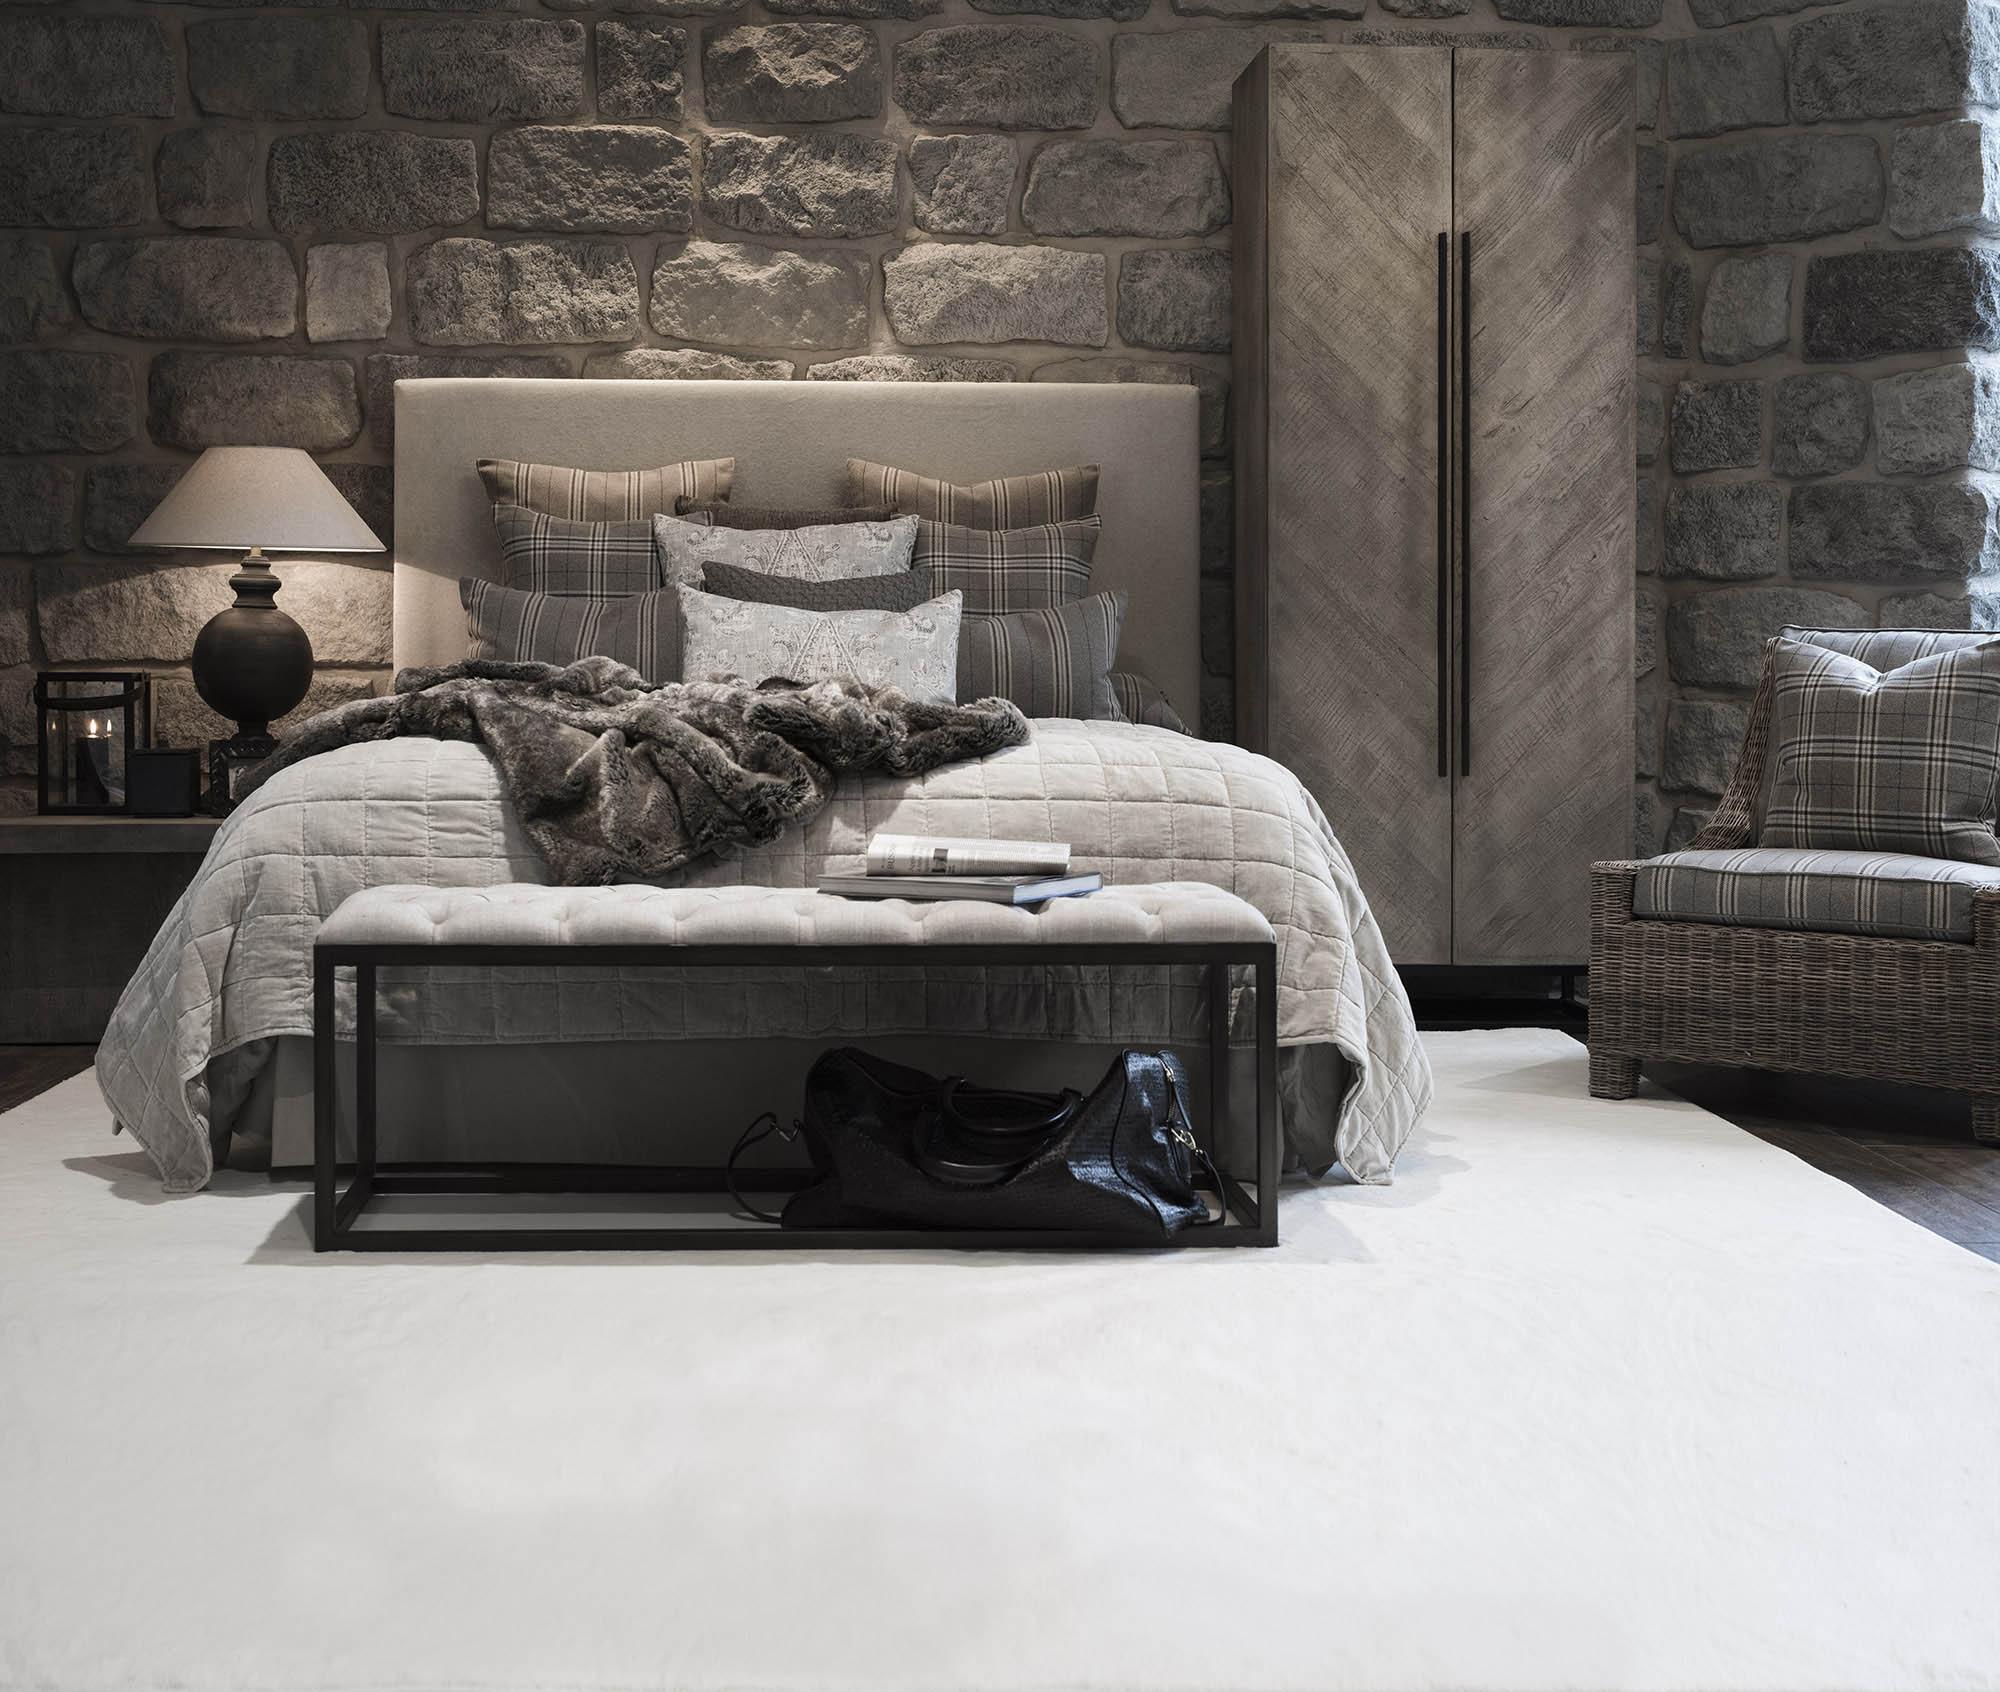 Sovrum med vit Classy matta och säng med sänggaveln Dublin. Skåpet på bilden heter Vancouver och bänken Cayo.